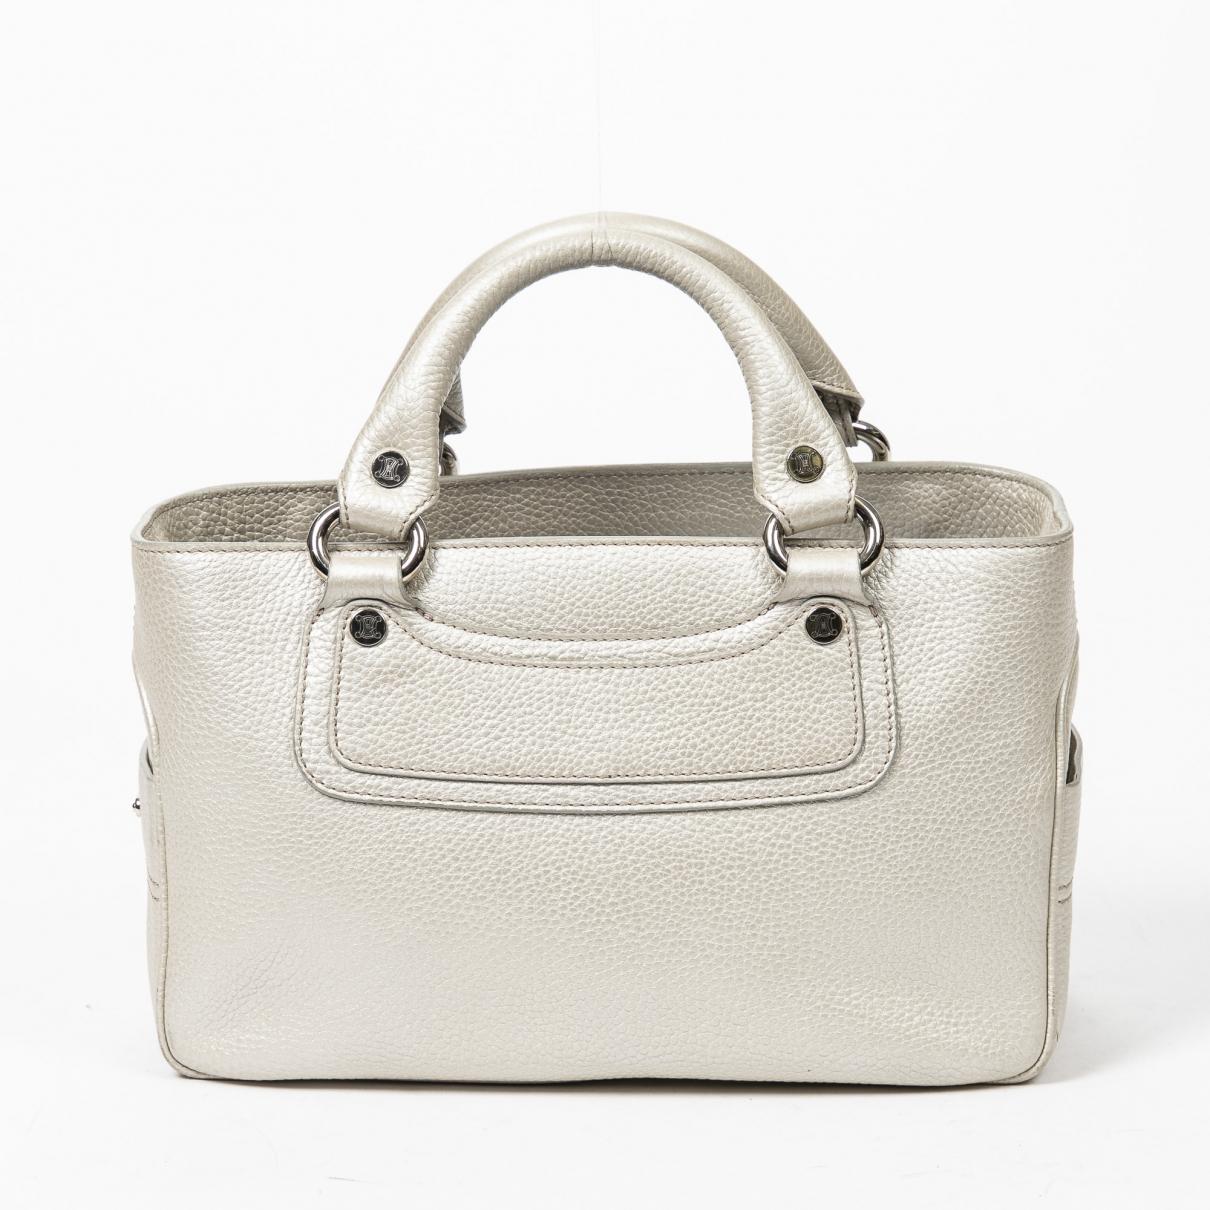 Celine Boogie Handtasche in Leder